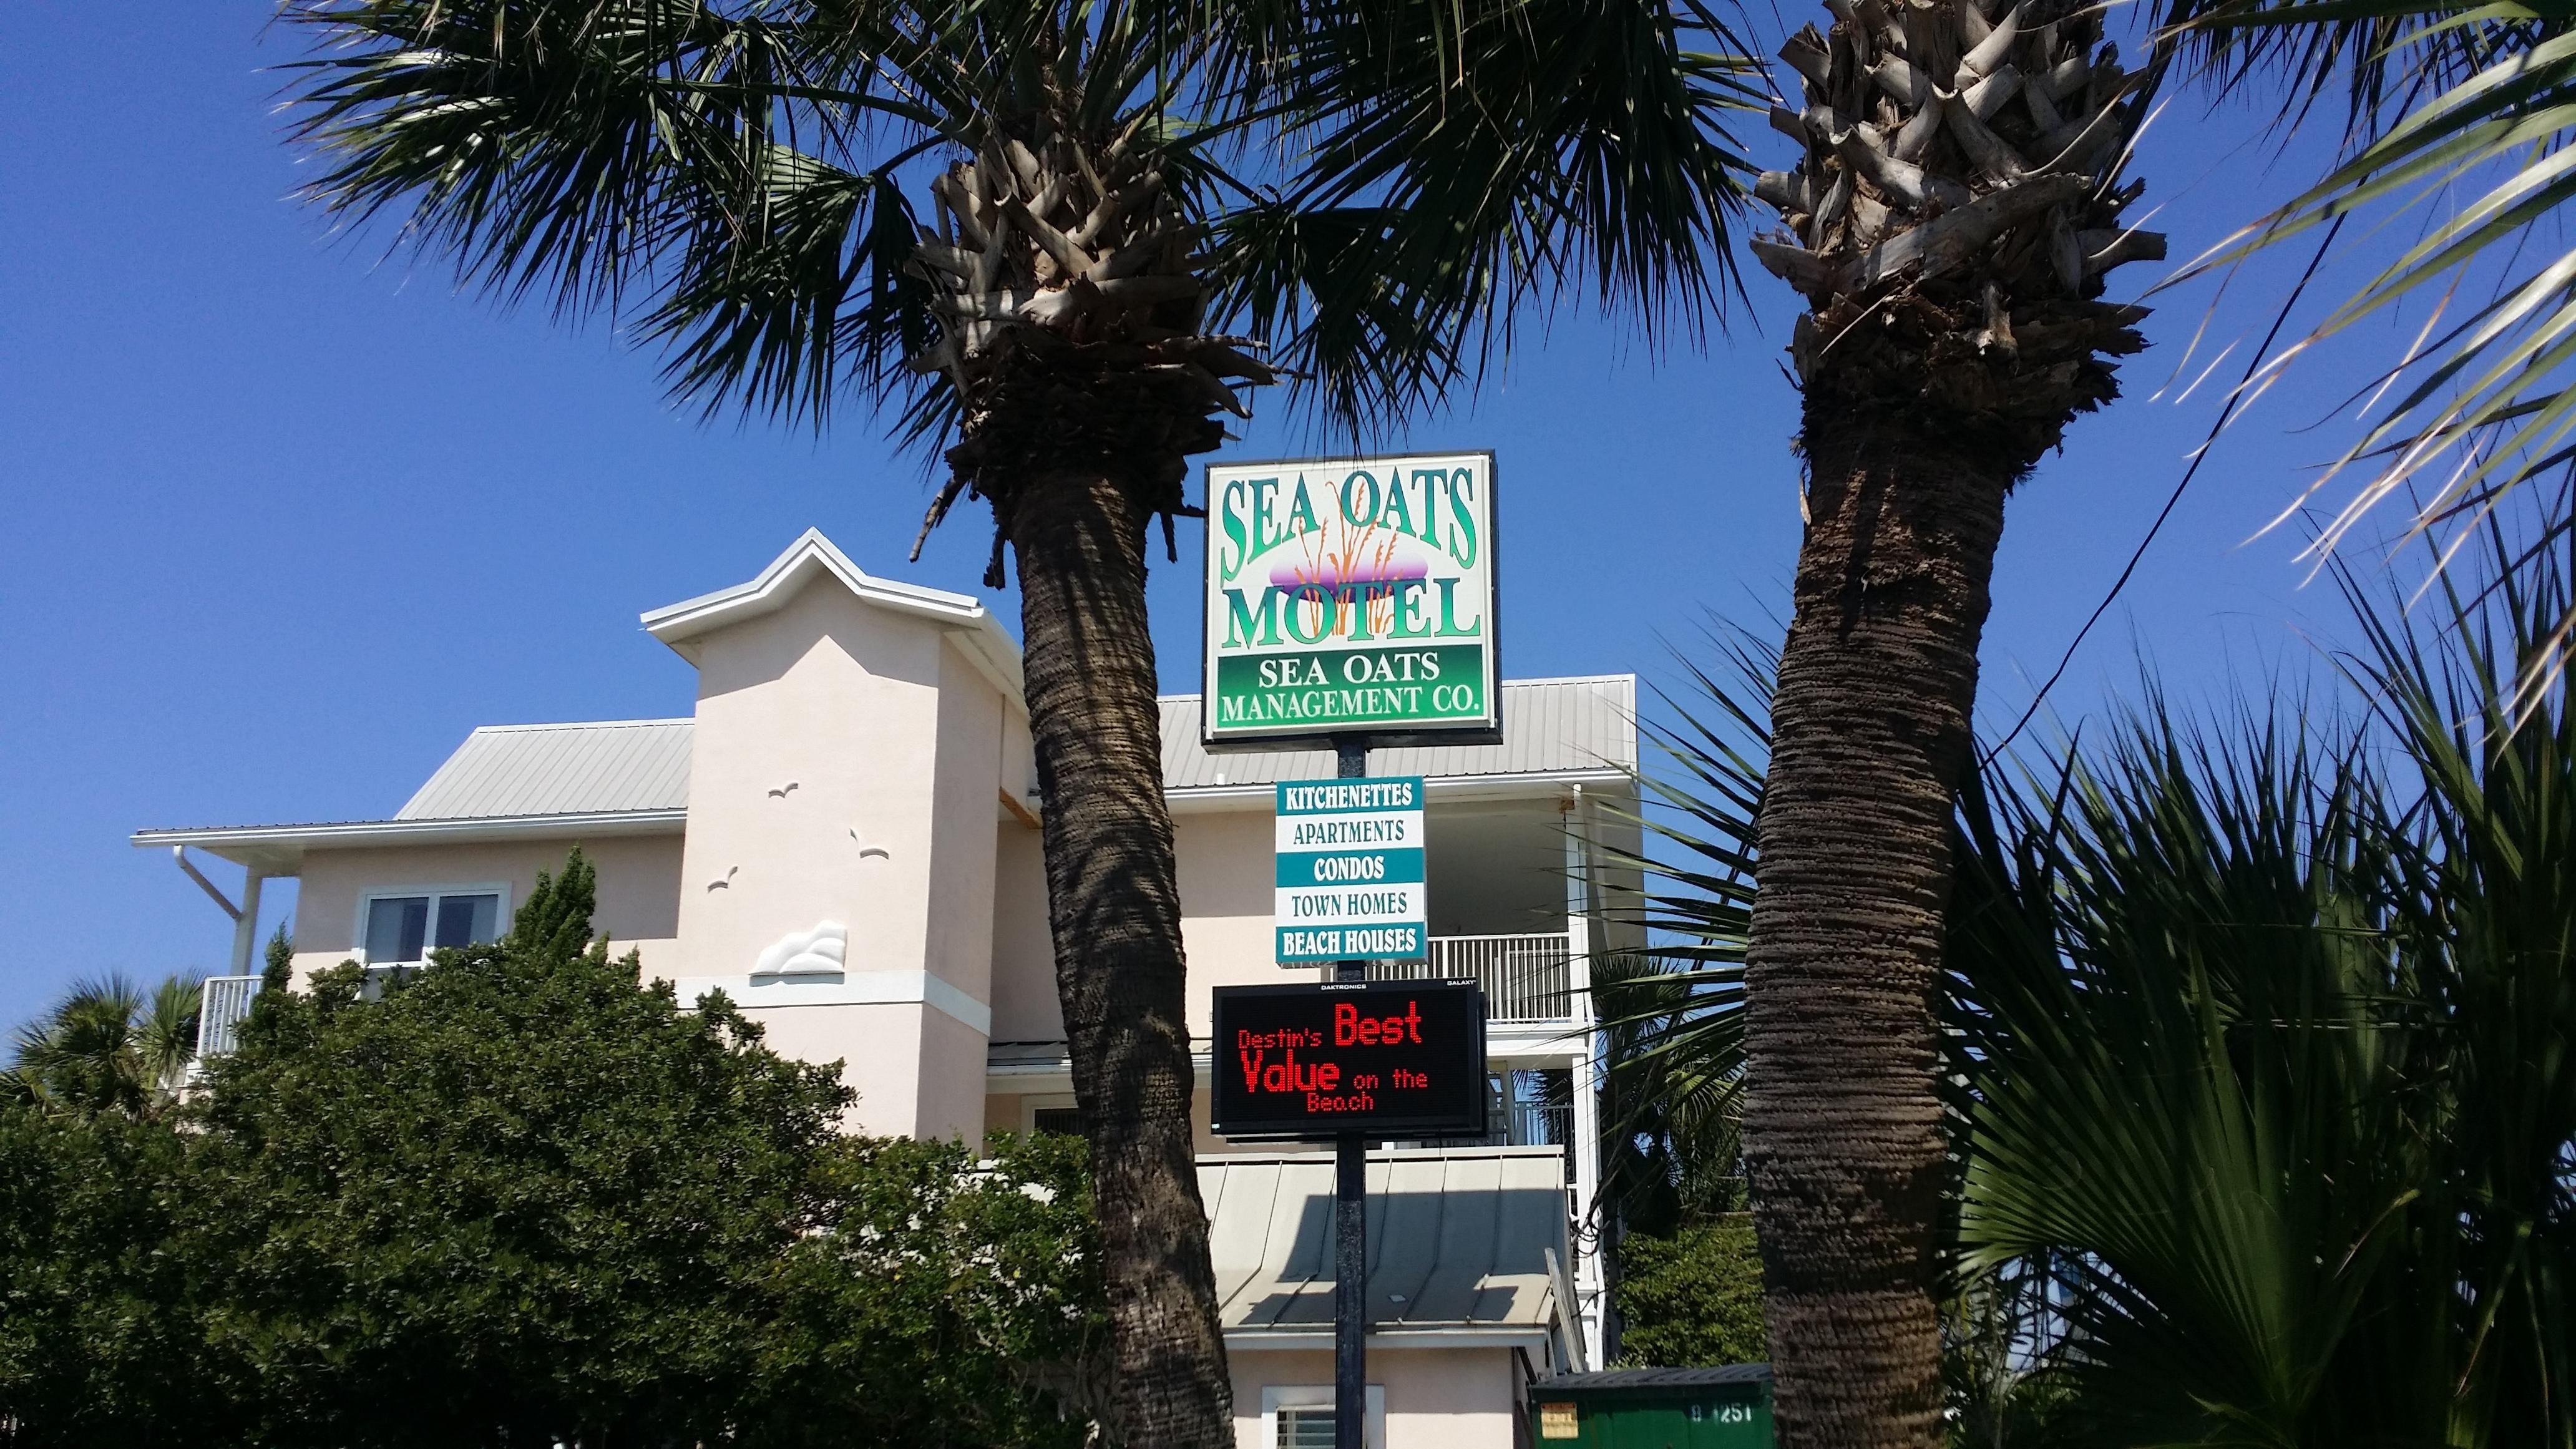 Sea Oats Motel Destin Fl 2016 Reviews Tripadvisor Beachfront Accommodations